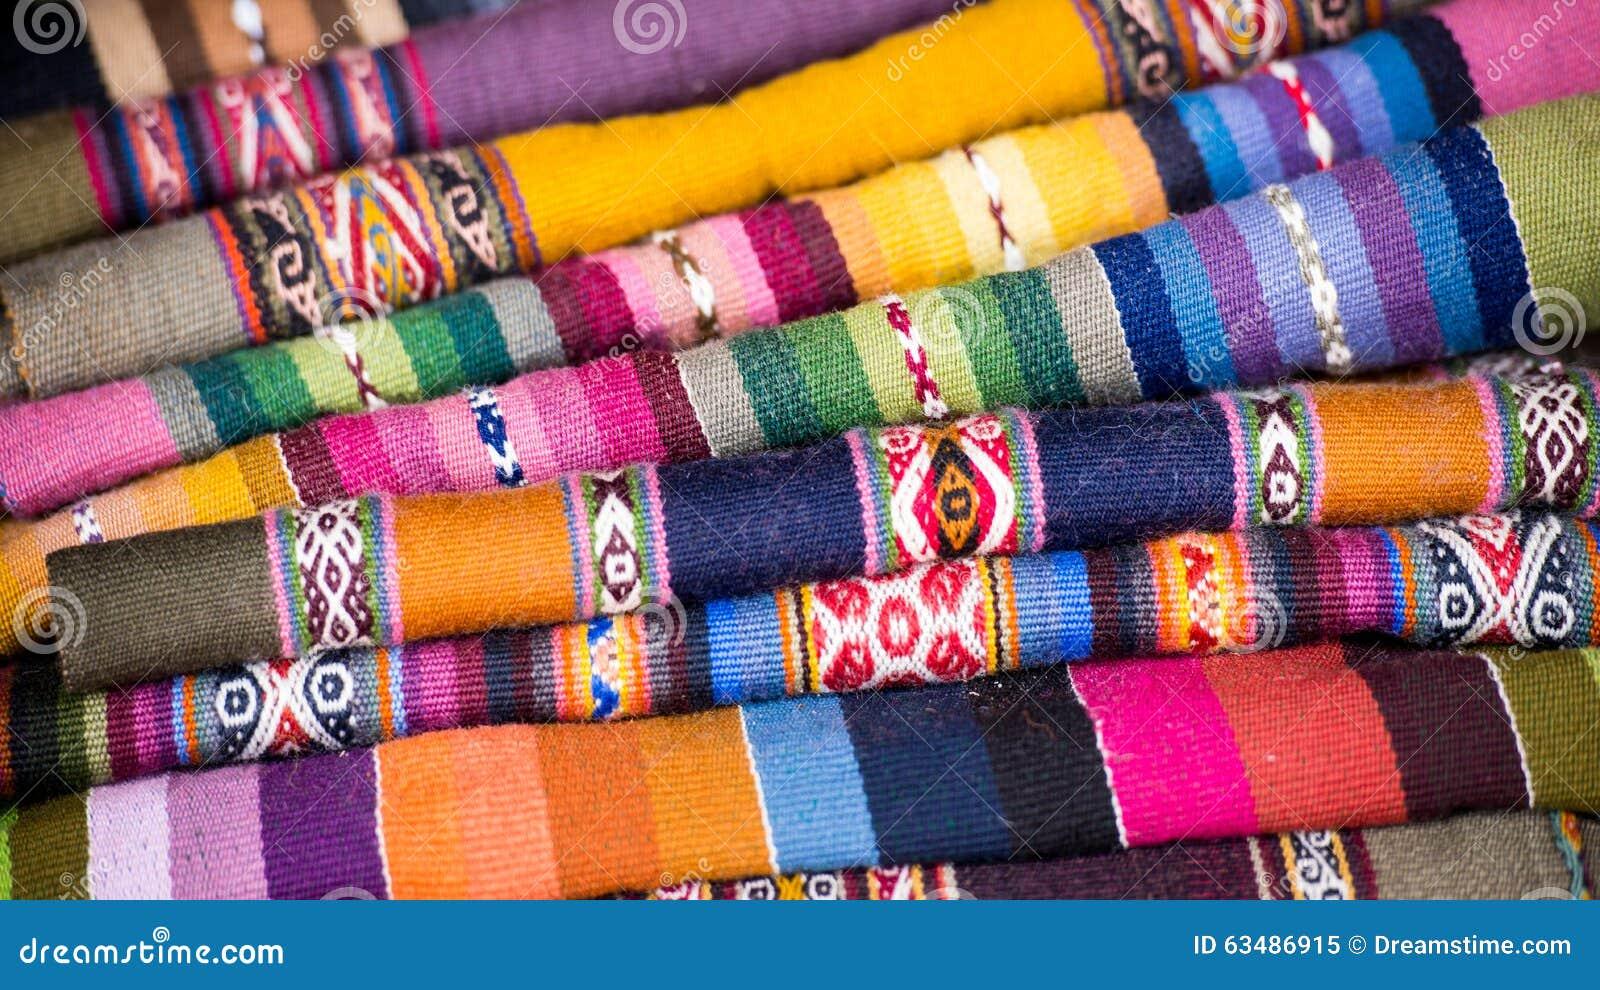 Ζωηρόχρωμα περουβιανά κλωστοϋφαντουργικά προϊόντα μαλλιού προβατοκαμήλου